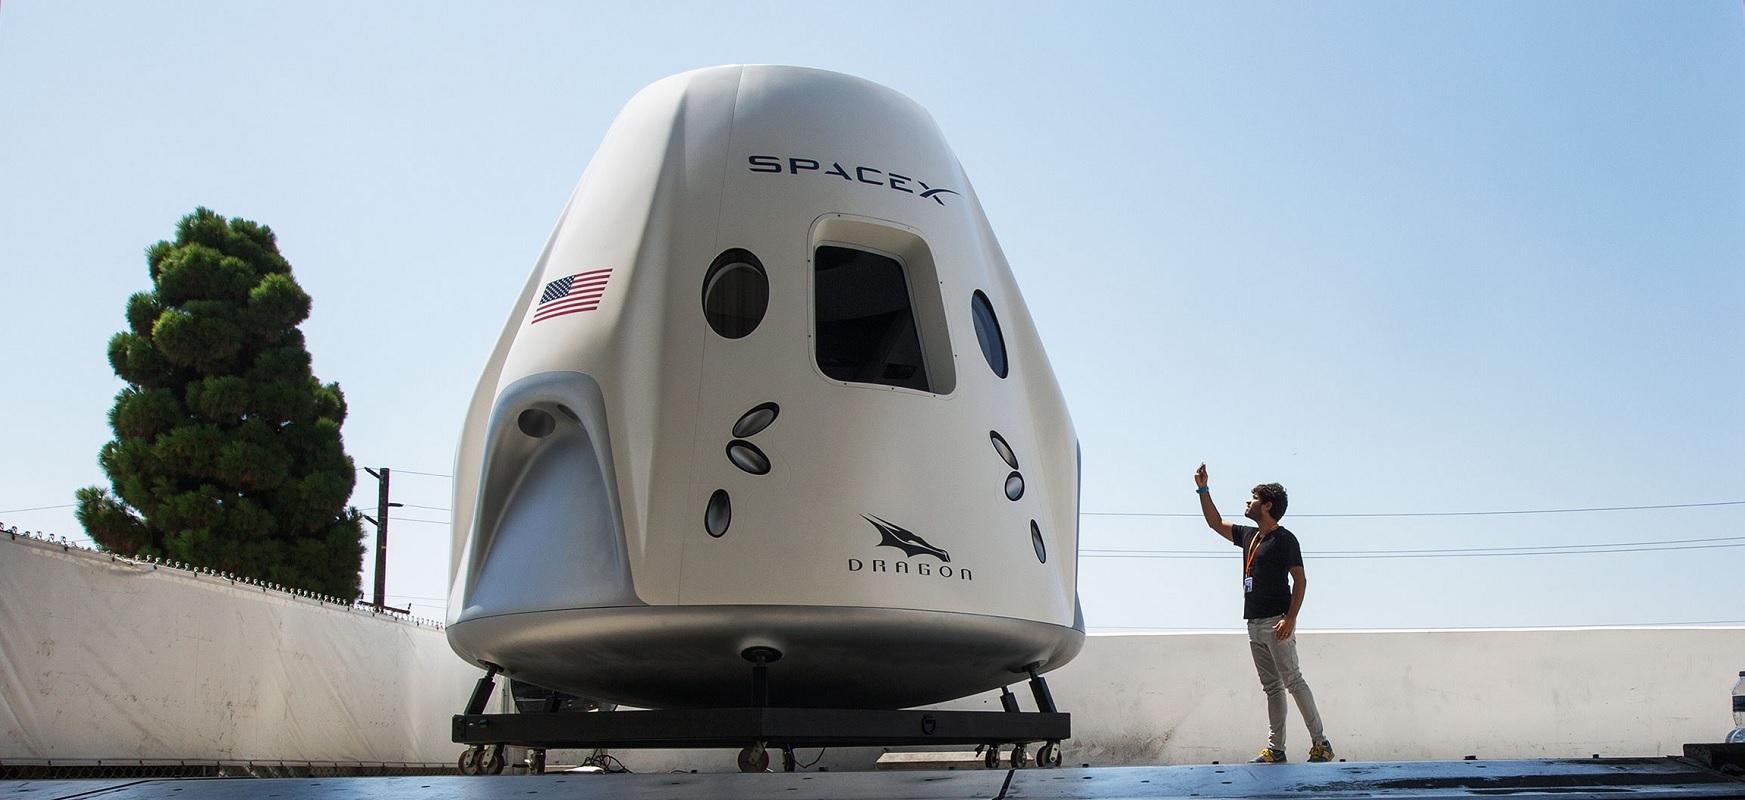 SpaceX-ek astronauta pare bat bidali behar ditu orbitara, eta Lurrera eraman behar ditu segurtasunez